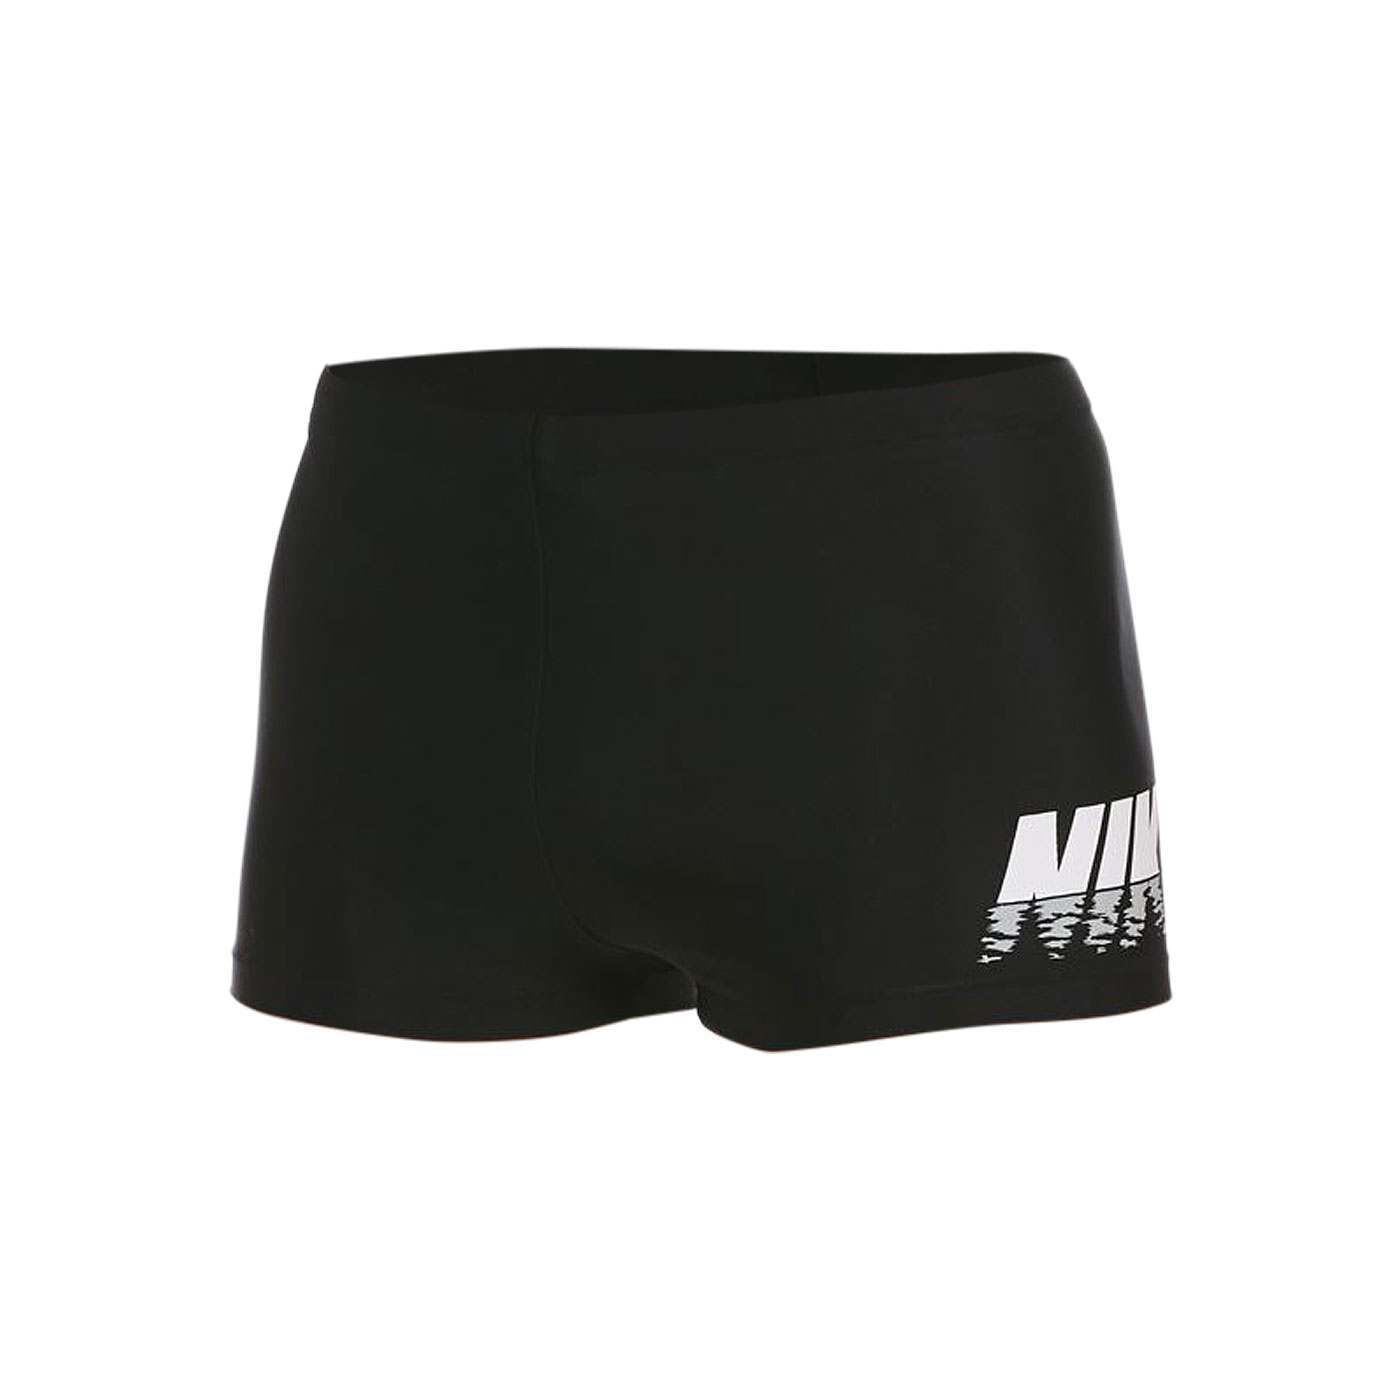 NIKE SWIM 成人男性四角泳褲 NESSB566-001 - 黑灰白